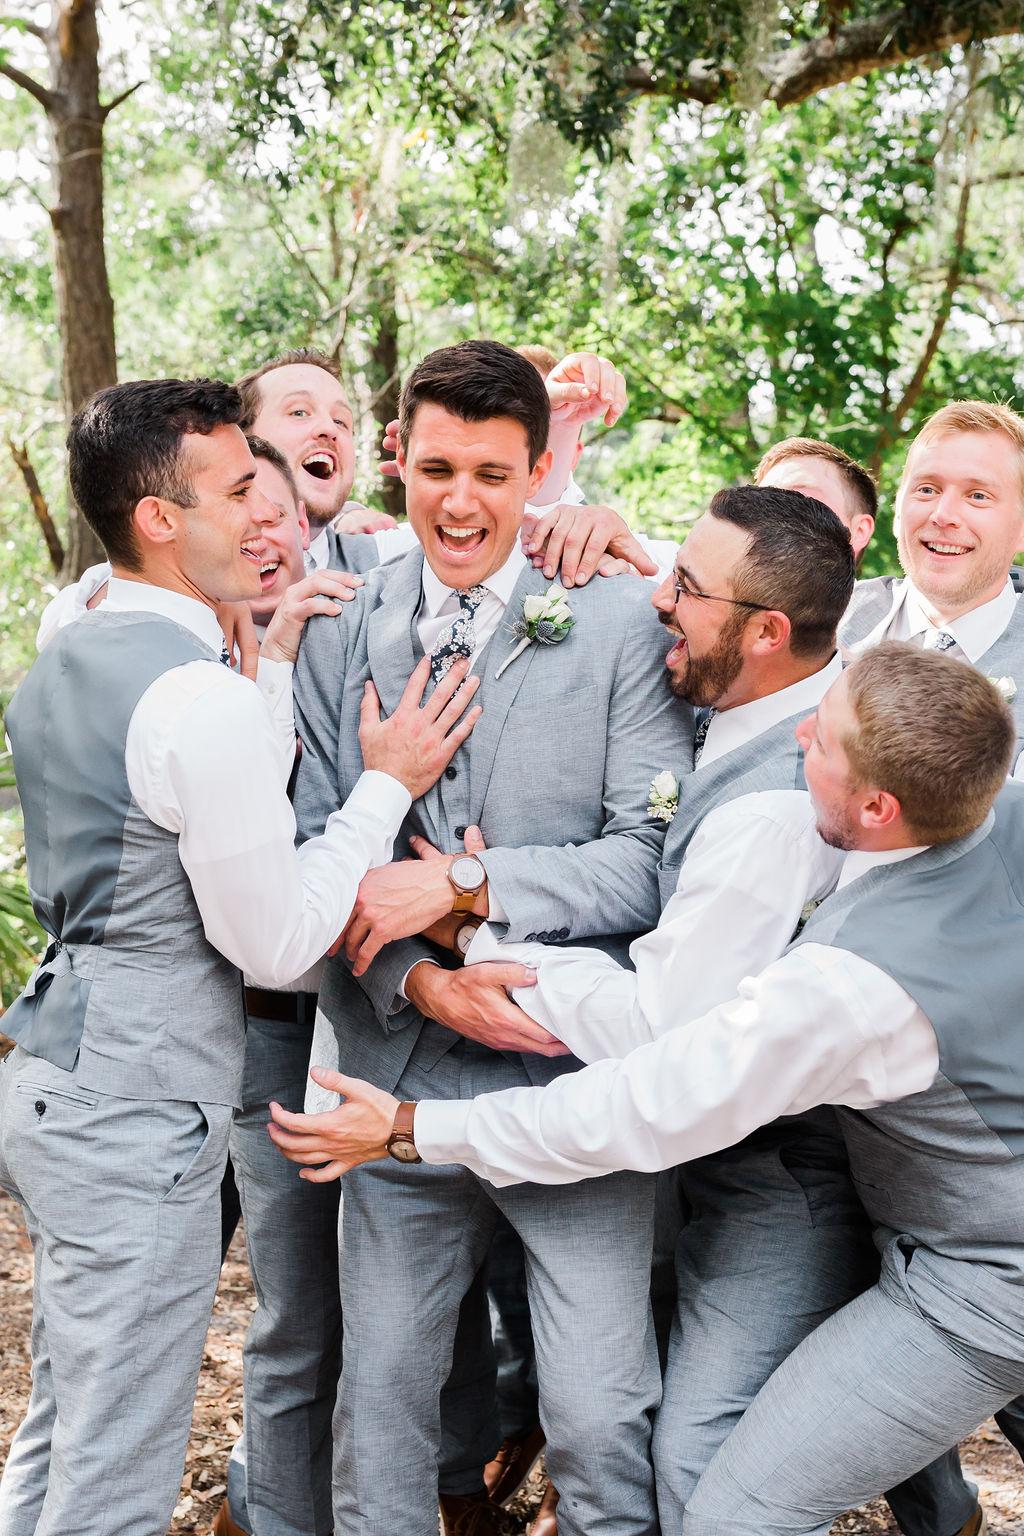 omni-hilton-head-wedding-13.jpg